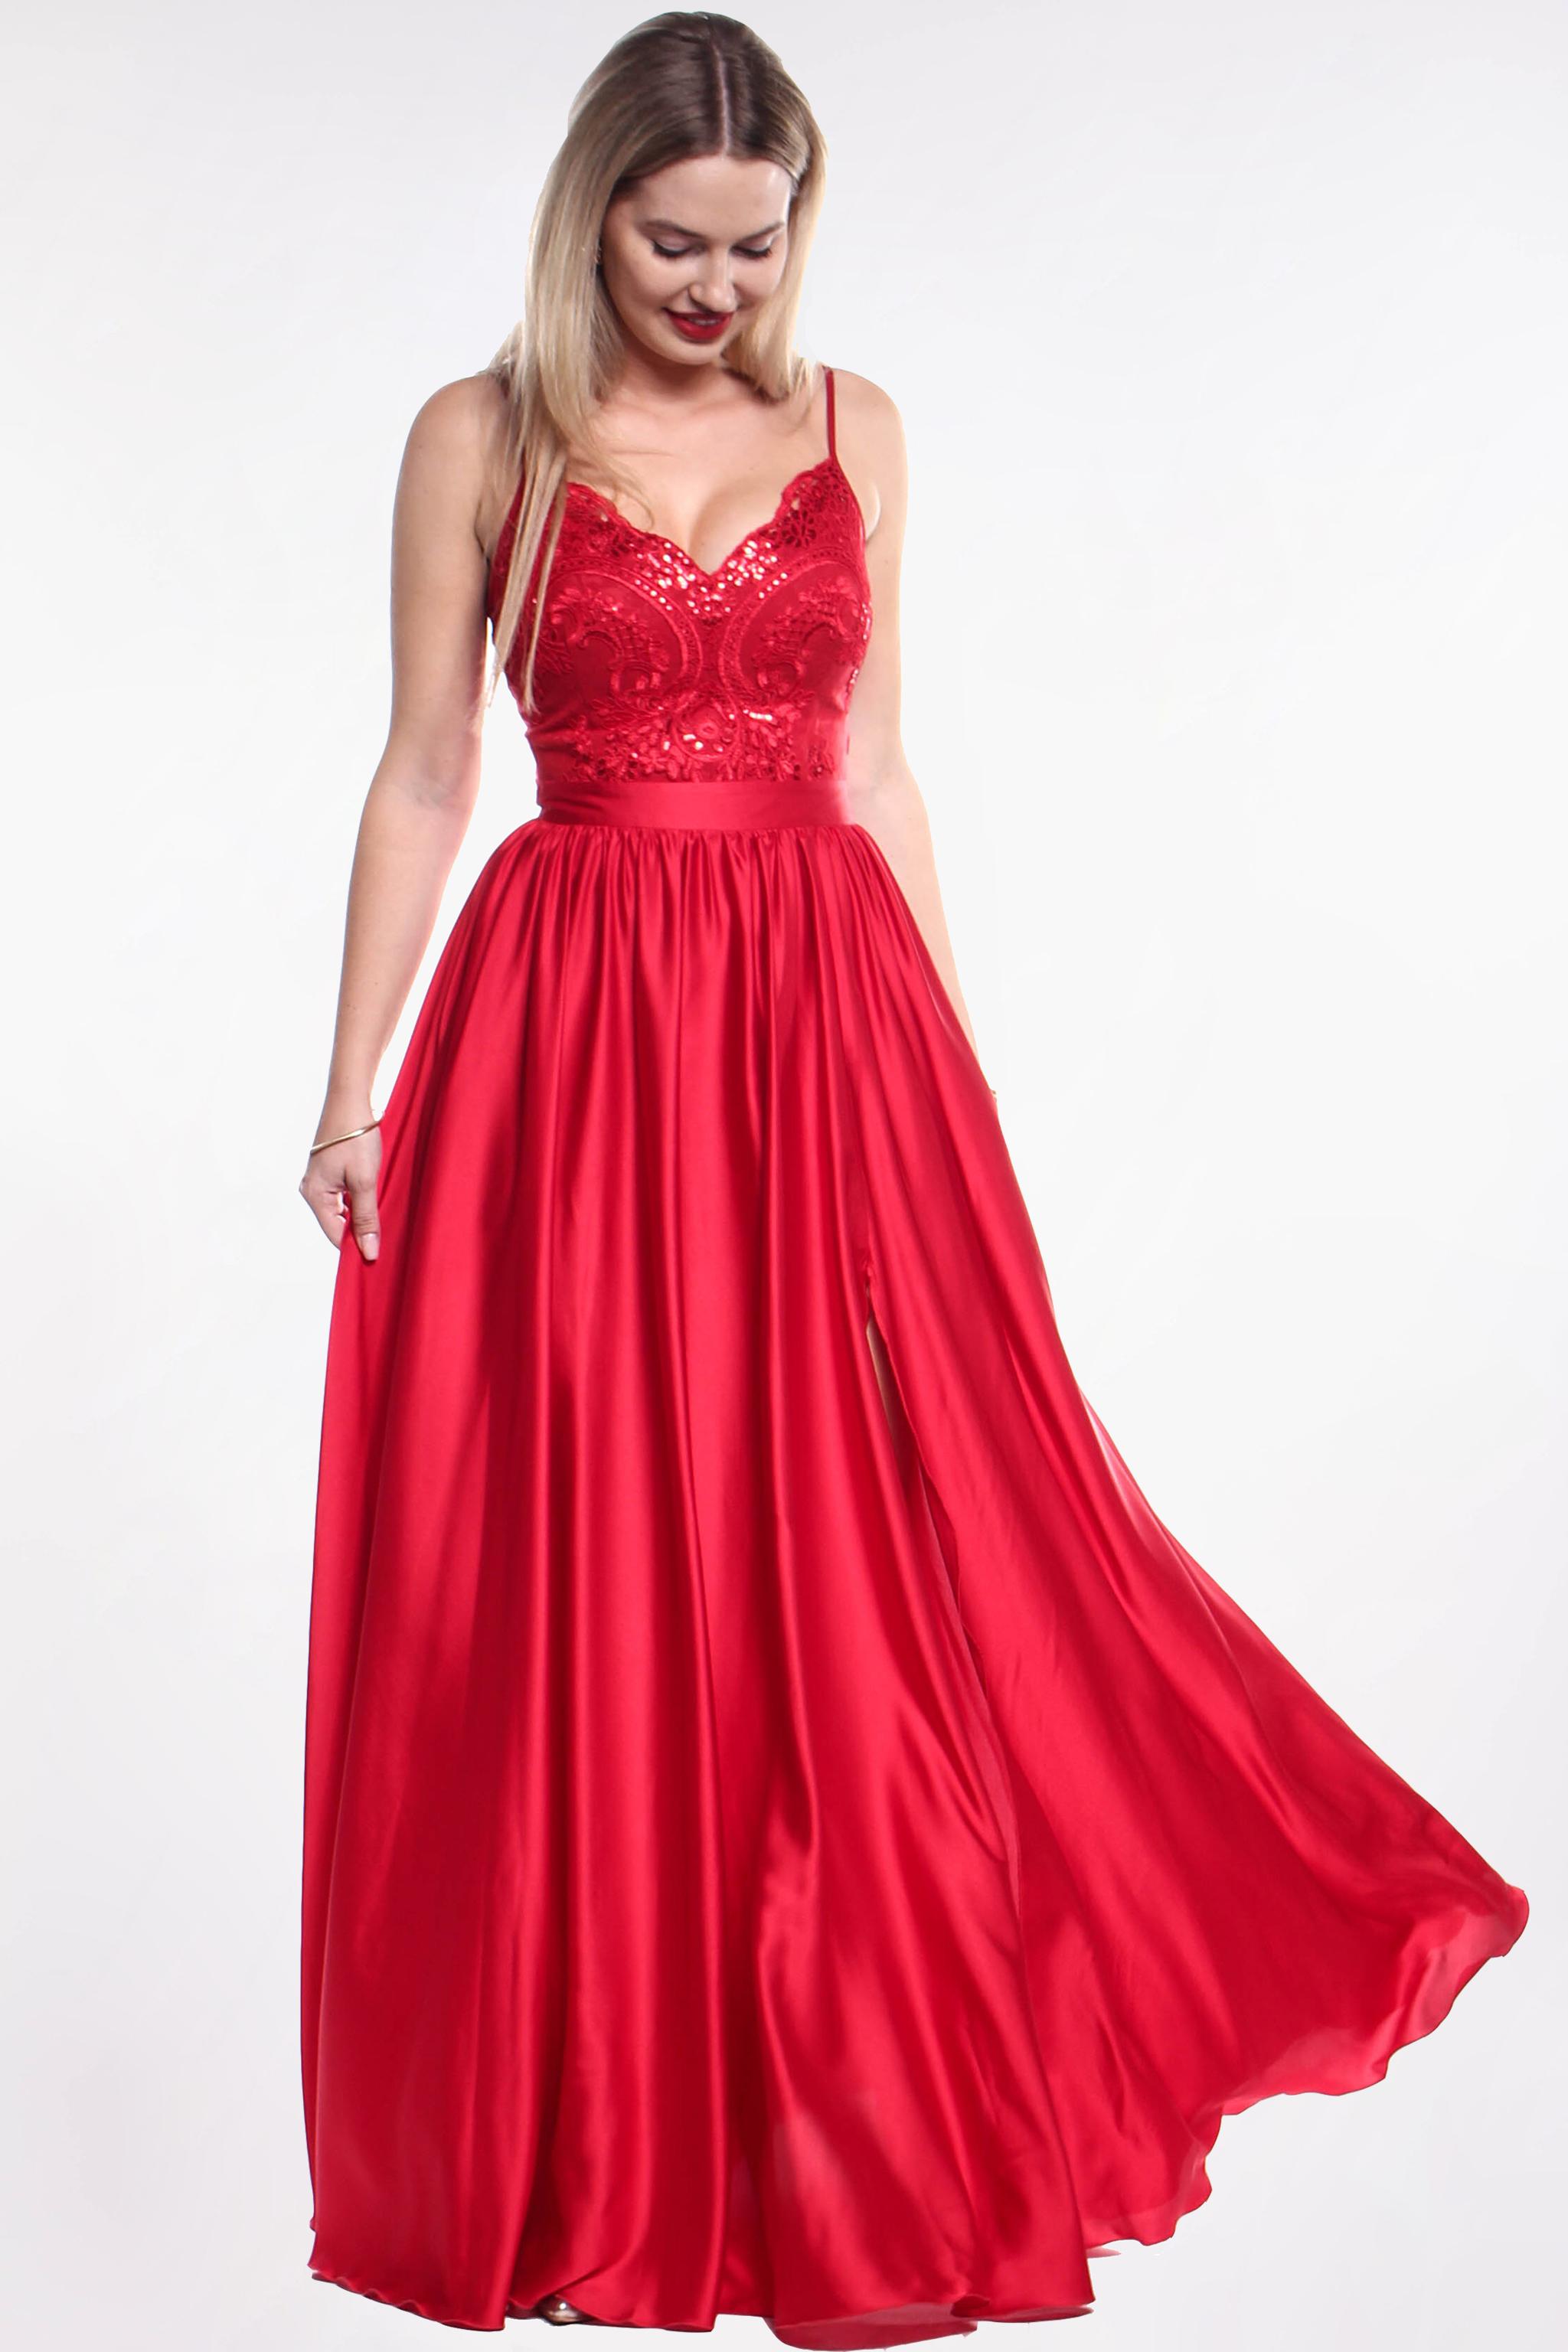 Obrázok 1 Červené plesové šaty 63d7308d8ce